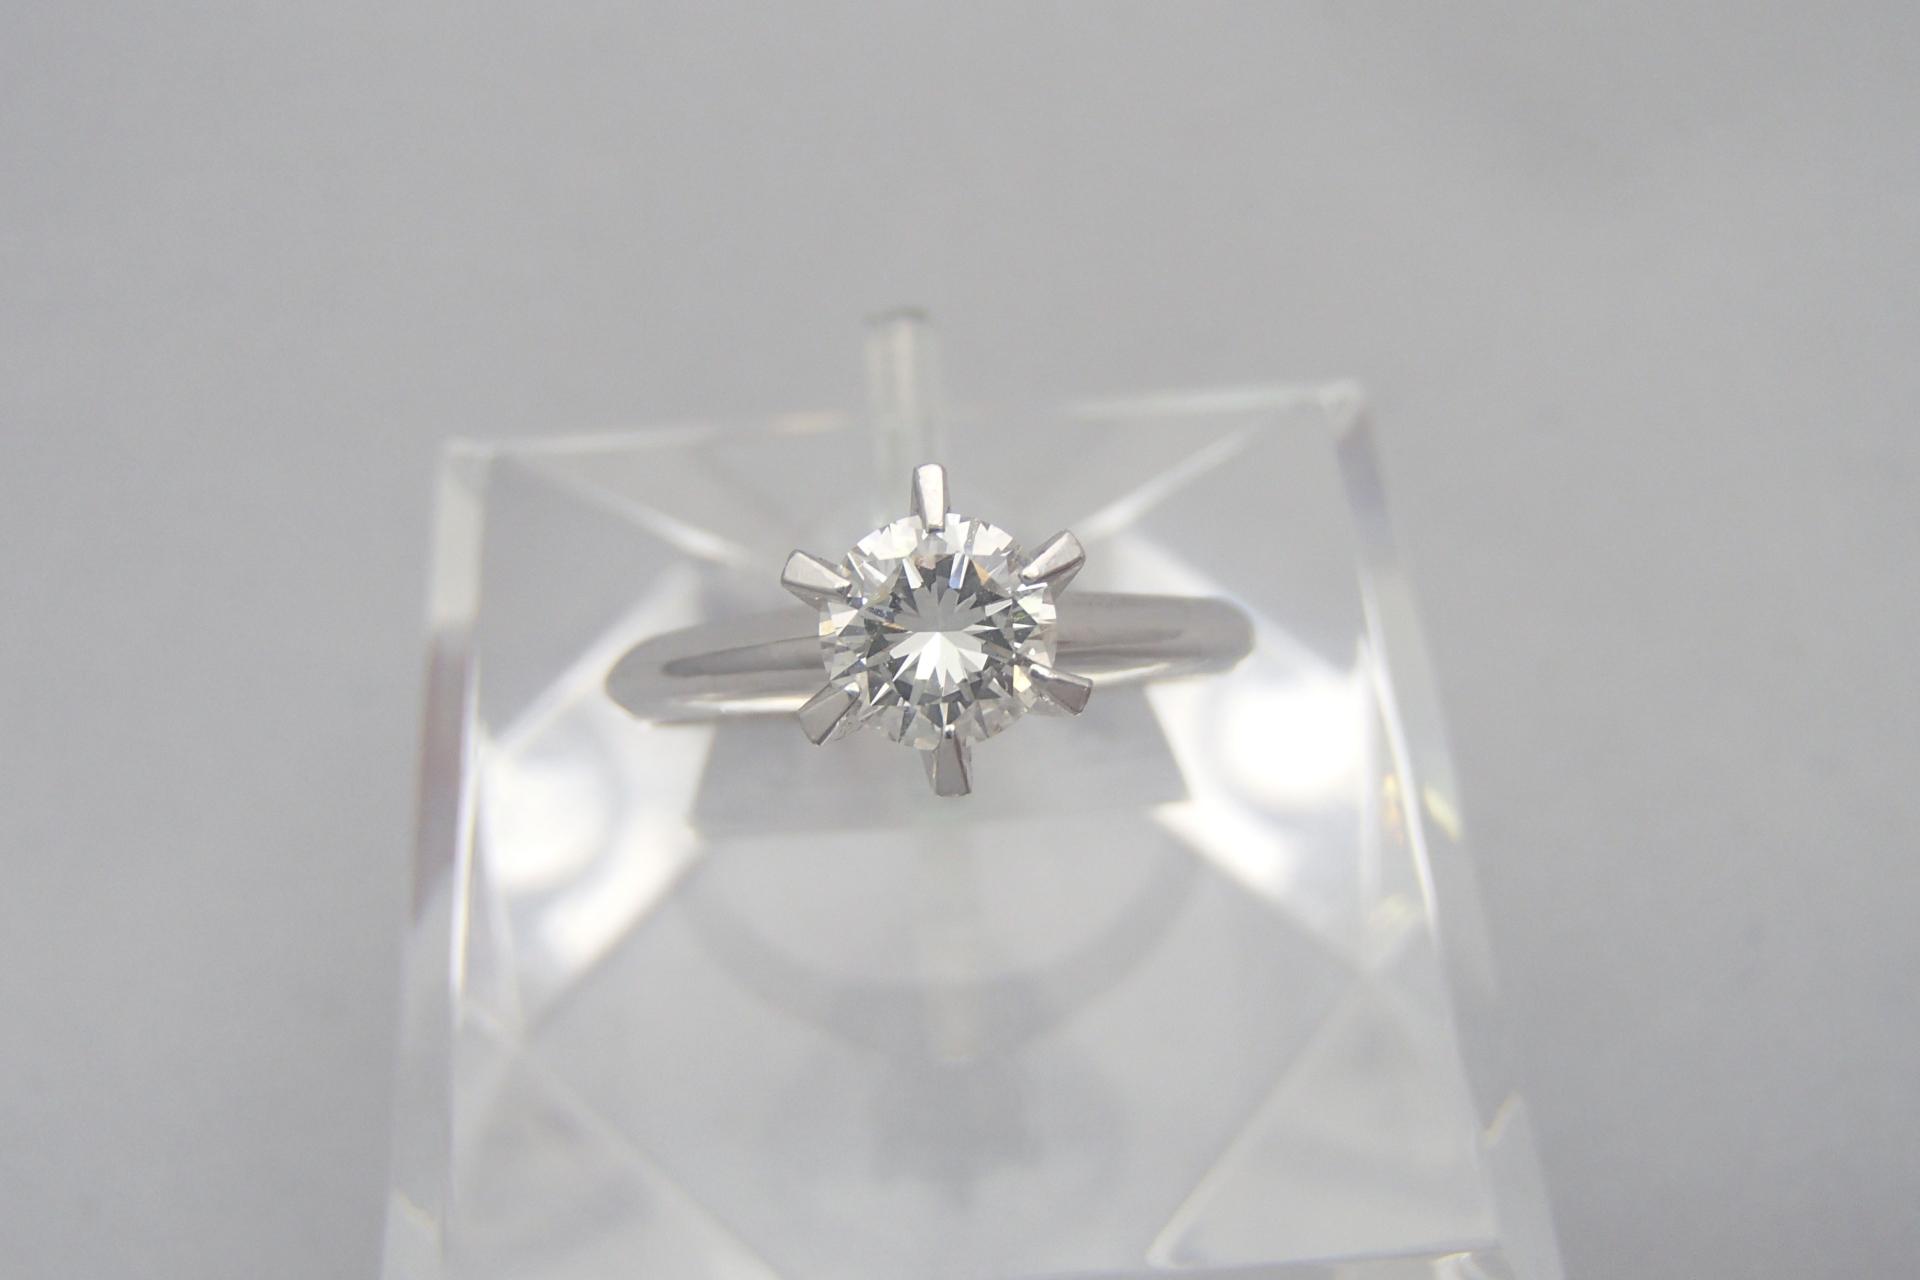 2カラットのダイヤモンドの大きさや価値ってどのくらい?